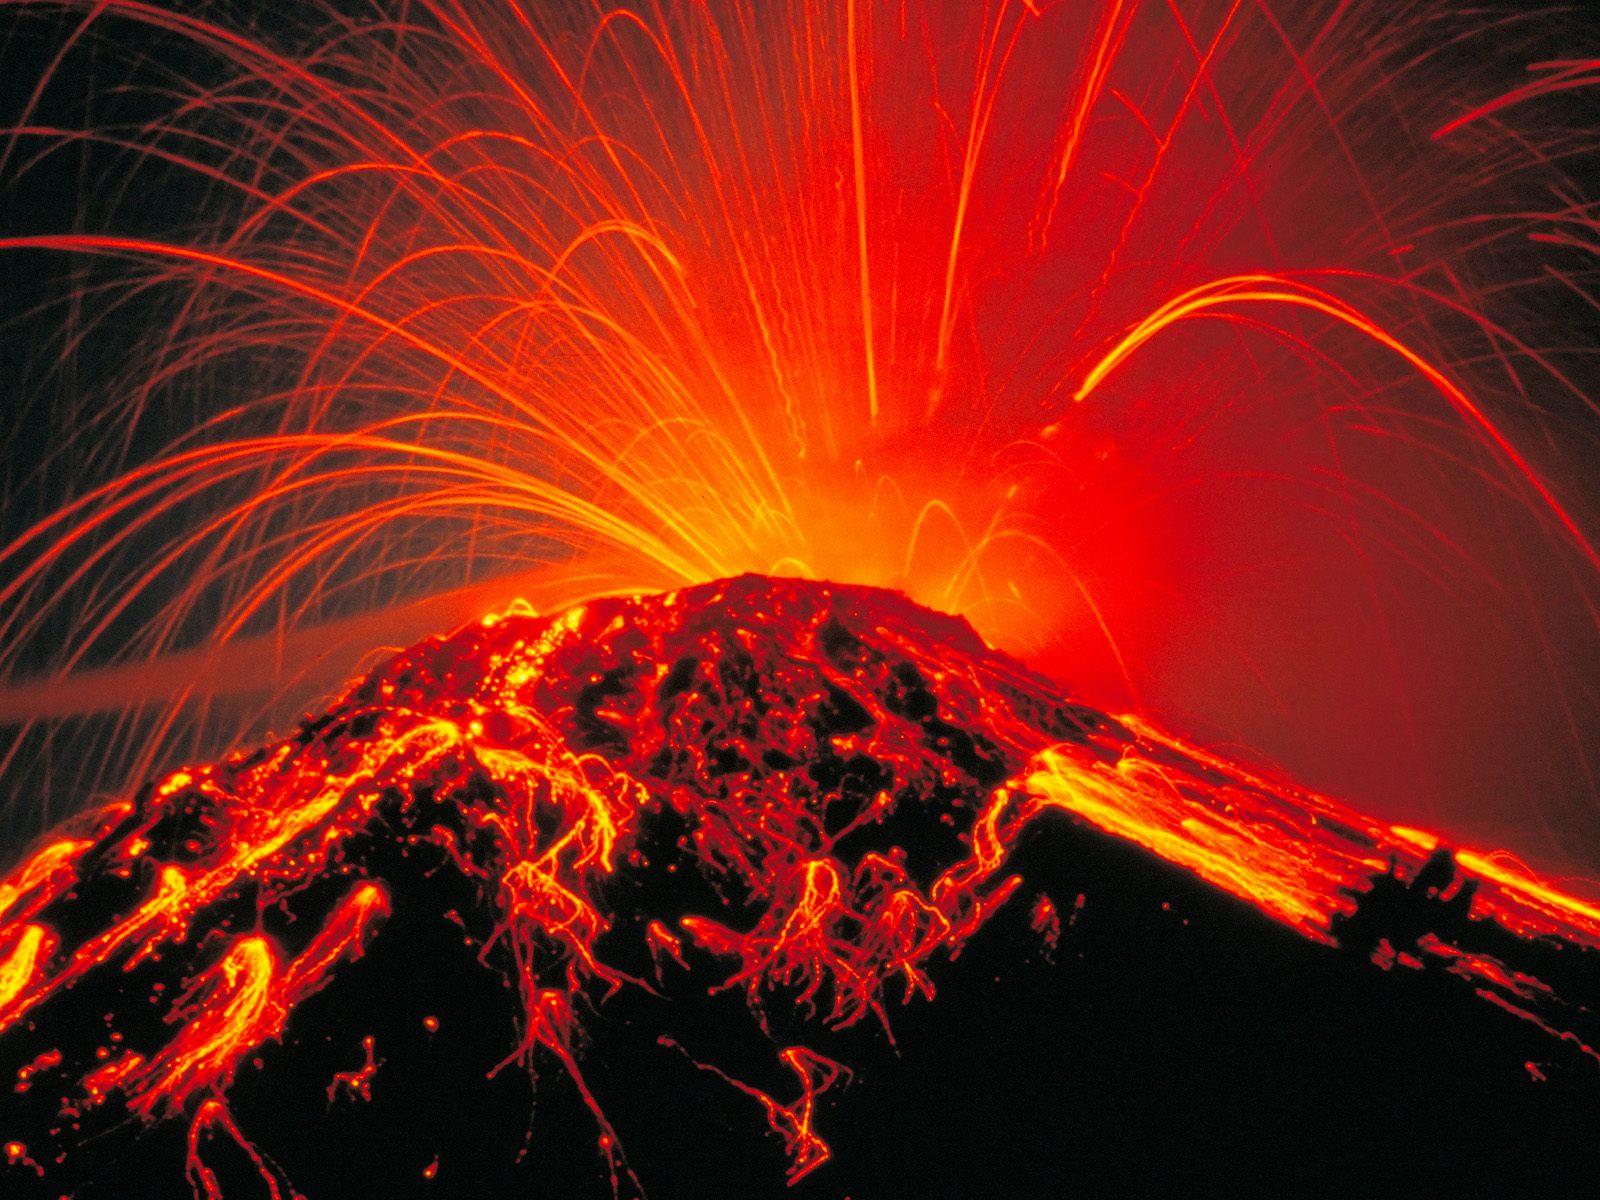 Volcano Computer Wallpapers Desktop Backgrounds 1600x1200